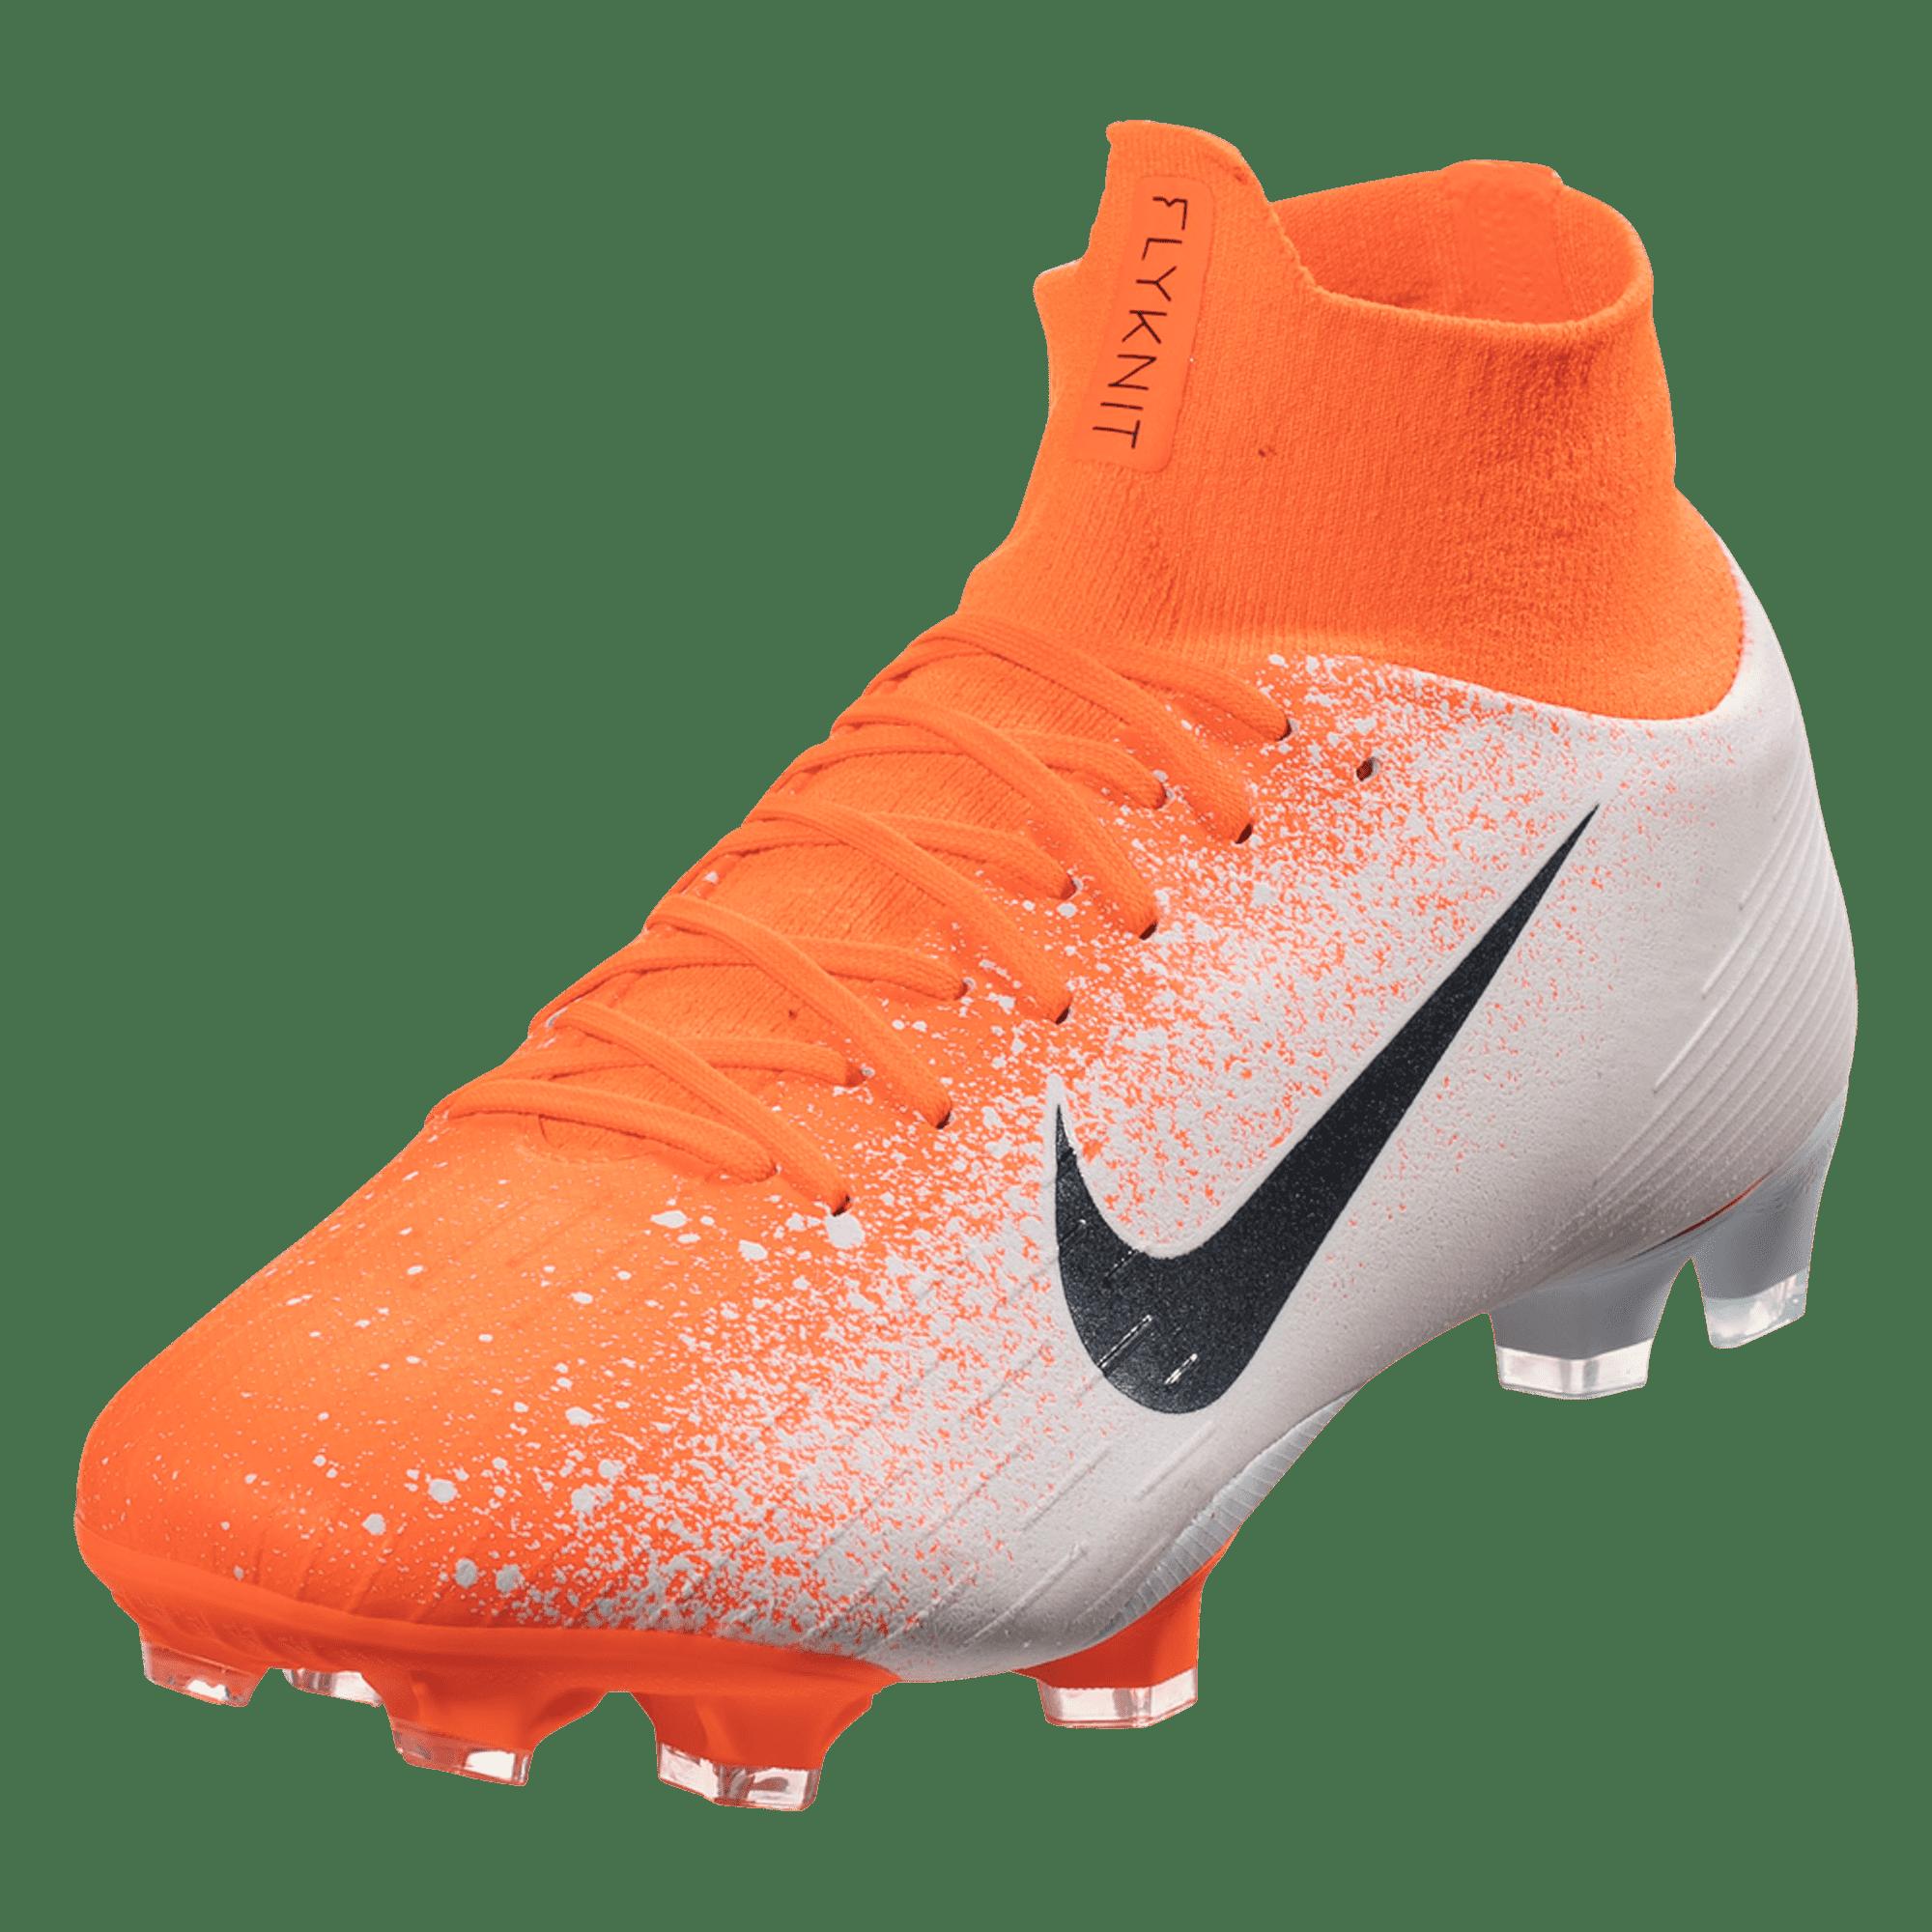 ae3d5d330 Nike Mercurial Superfly VI Pro FG Soccer Cleat – Hyper Crimson Black White